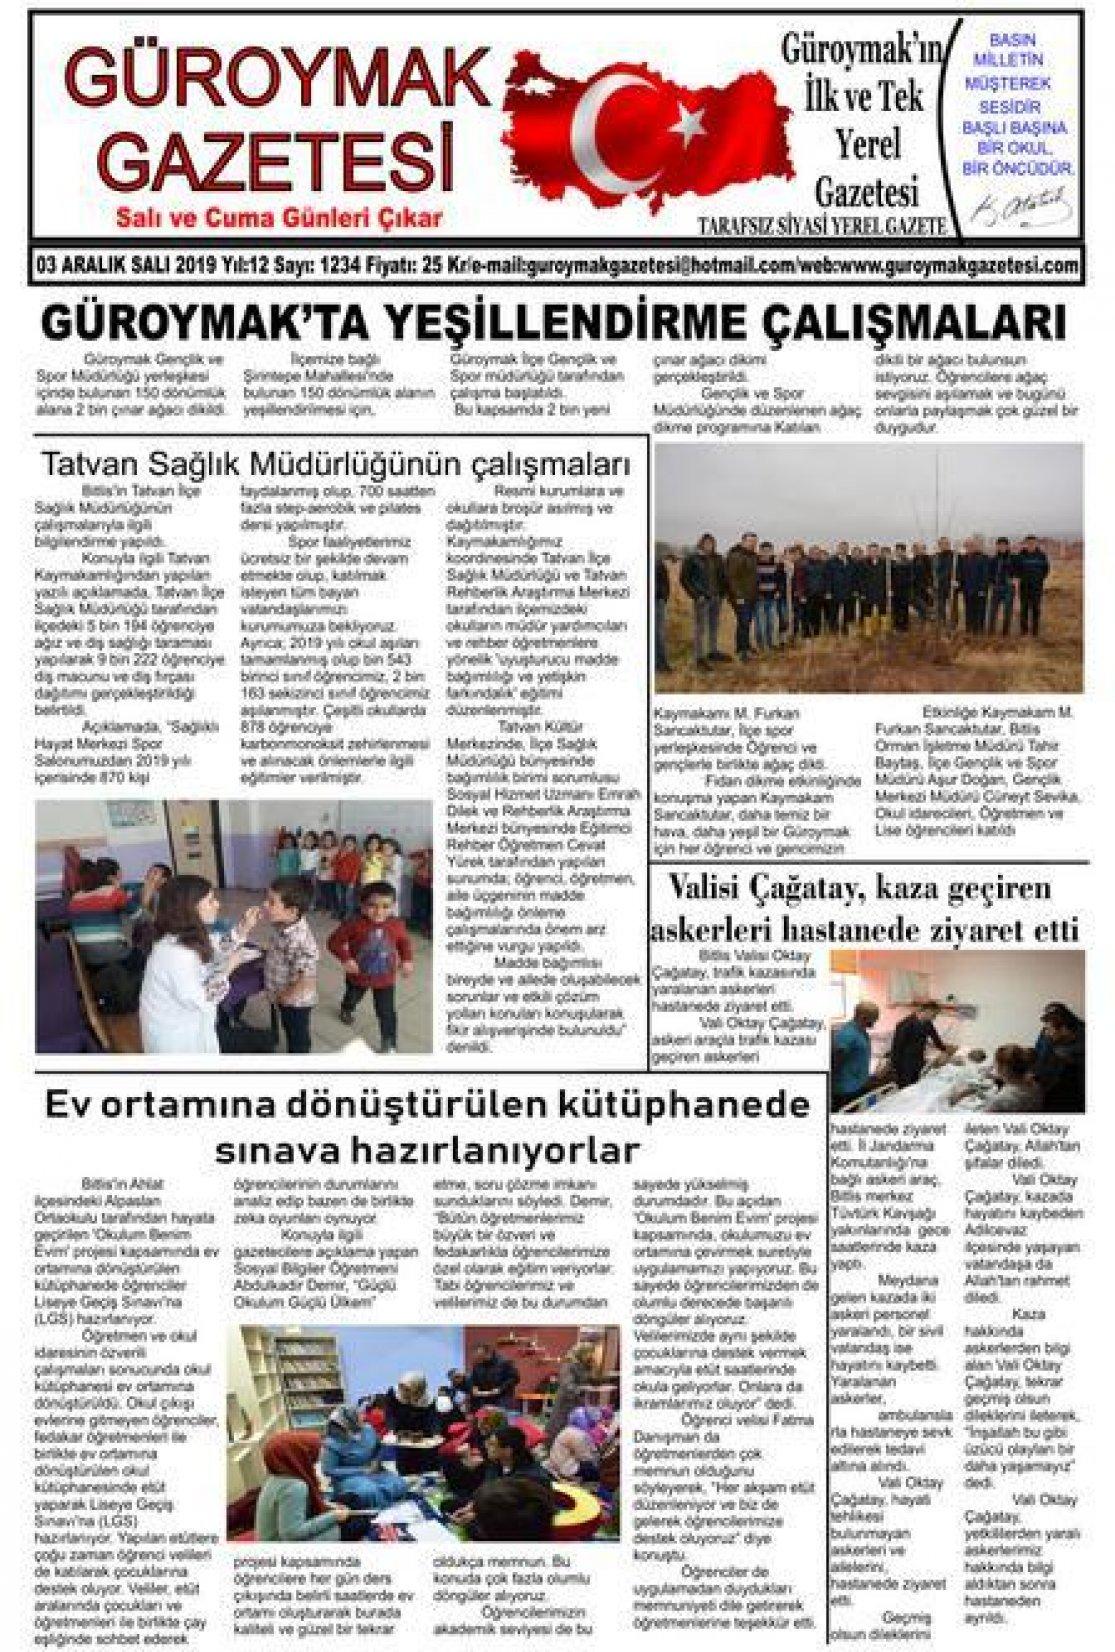 Güroymak Gazetesi 1sayfa.jpg Sayılı Gazete Küpürü